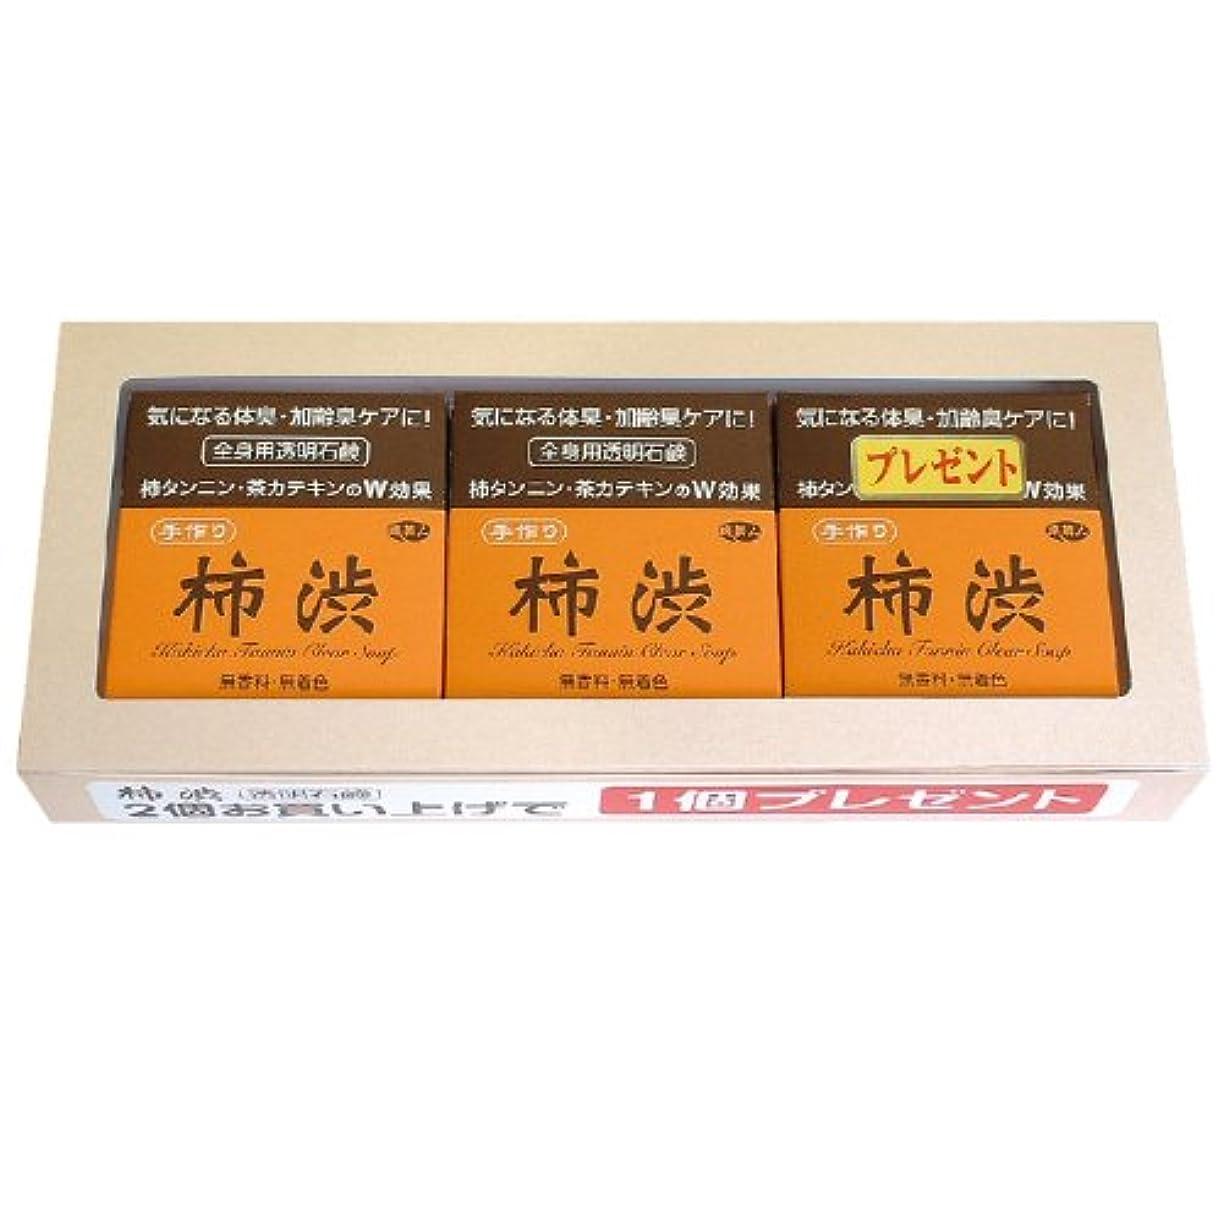 自動保存未来アズマ商事の 柿渋透明石鹸 2個の値段で3個入りセット